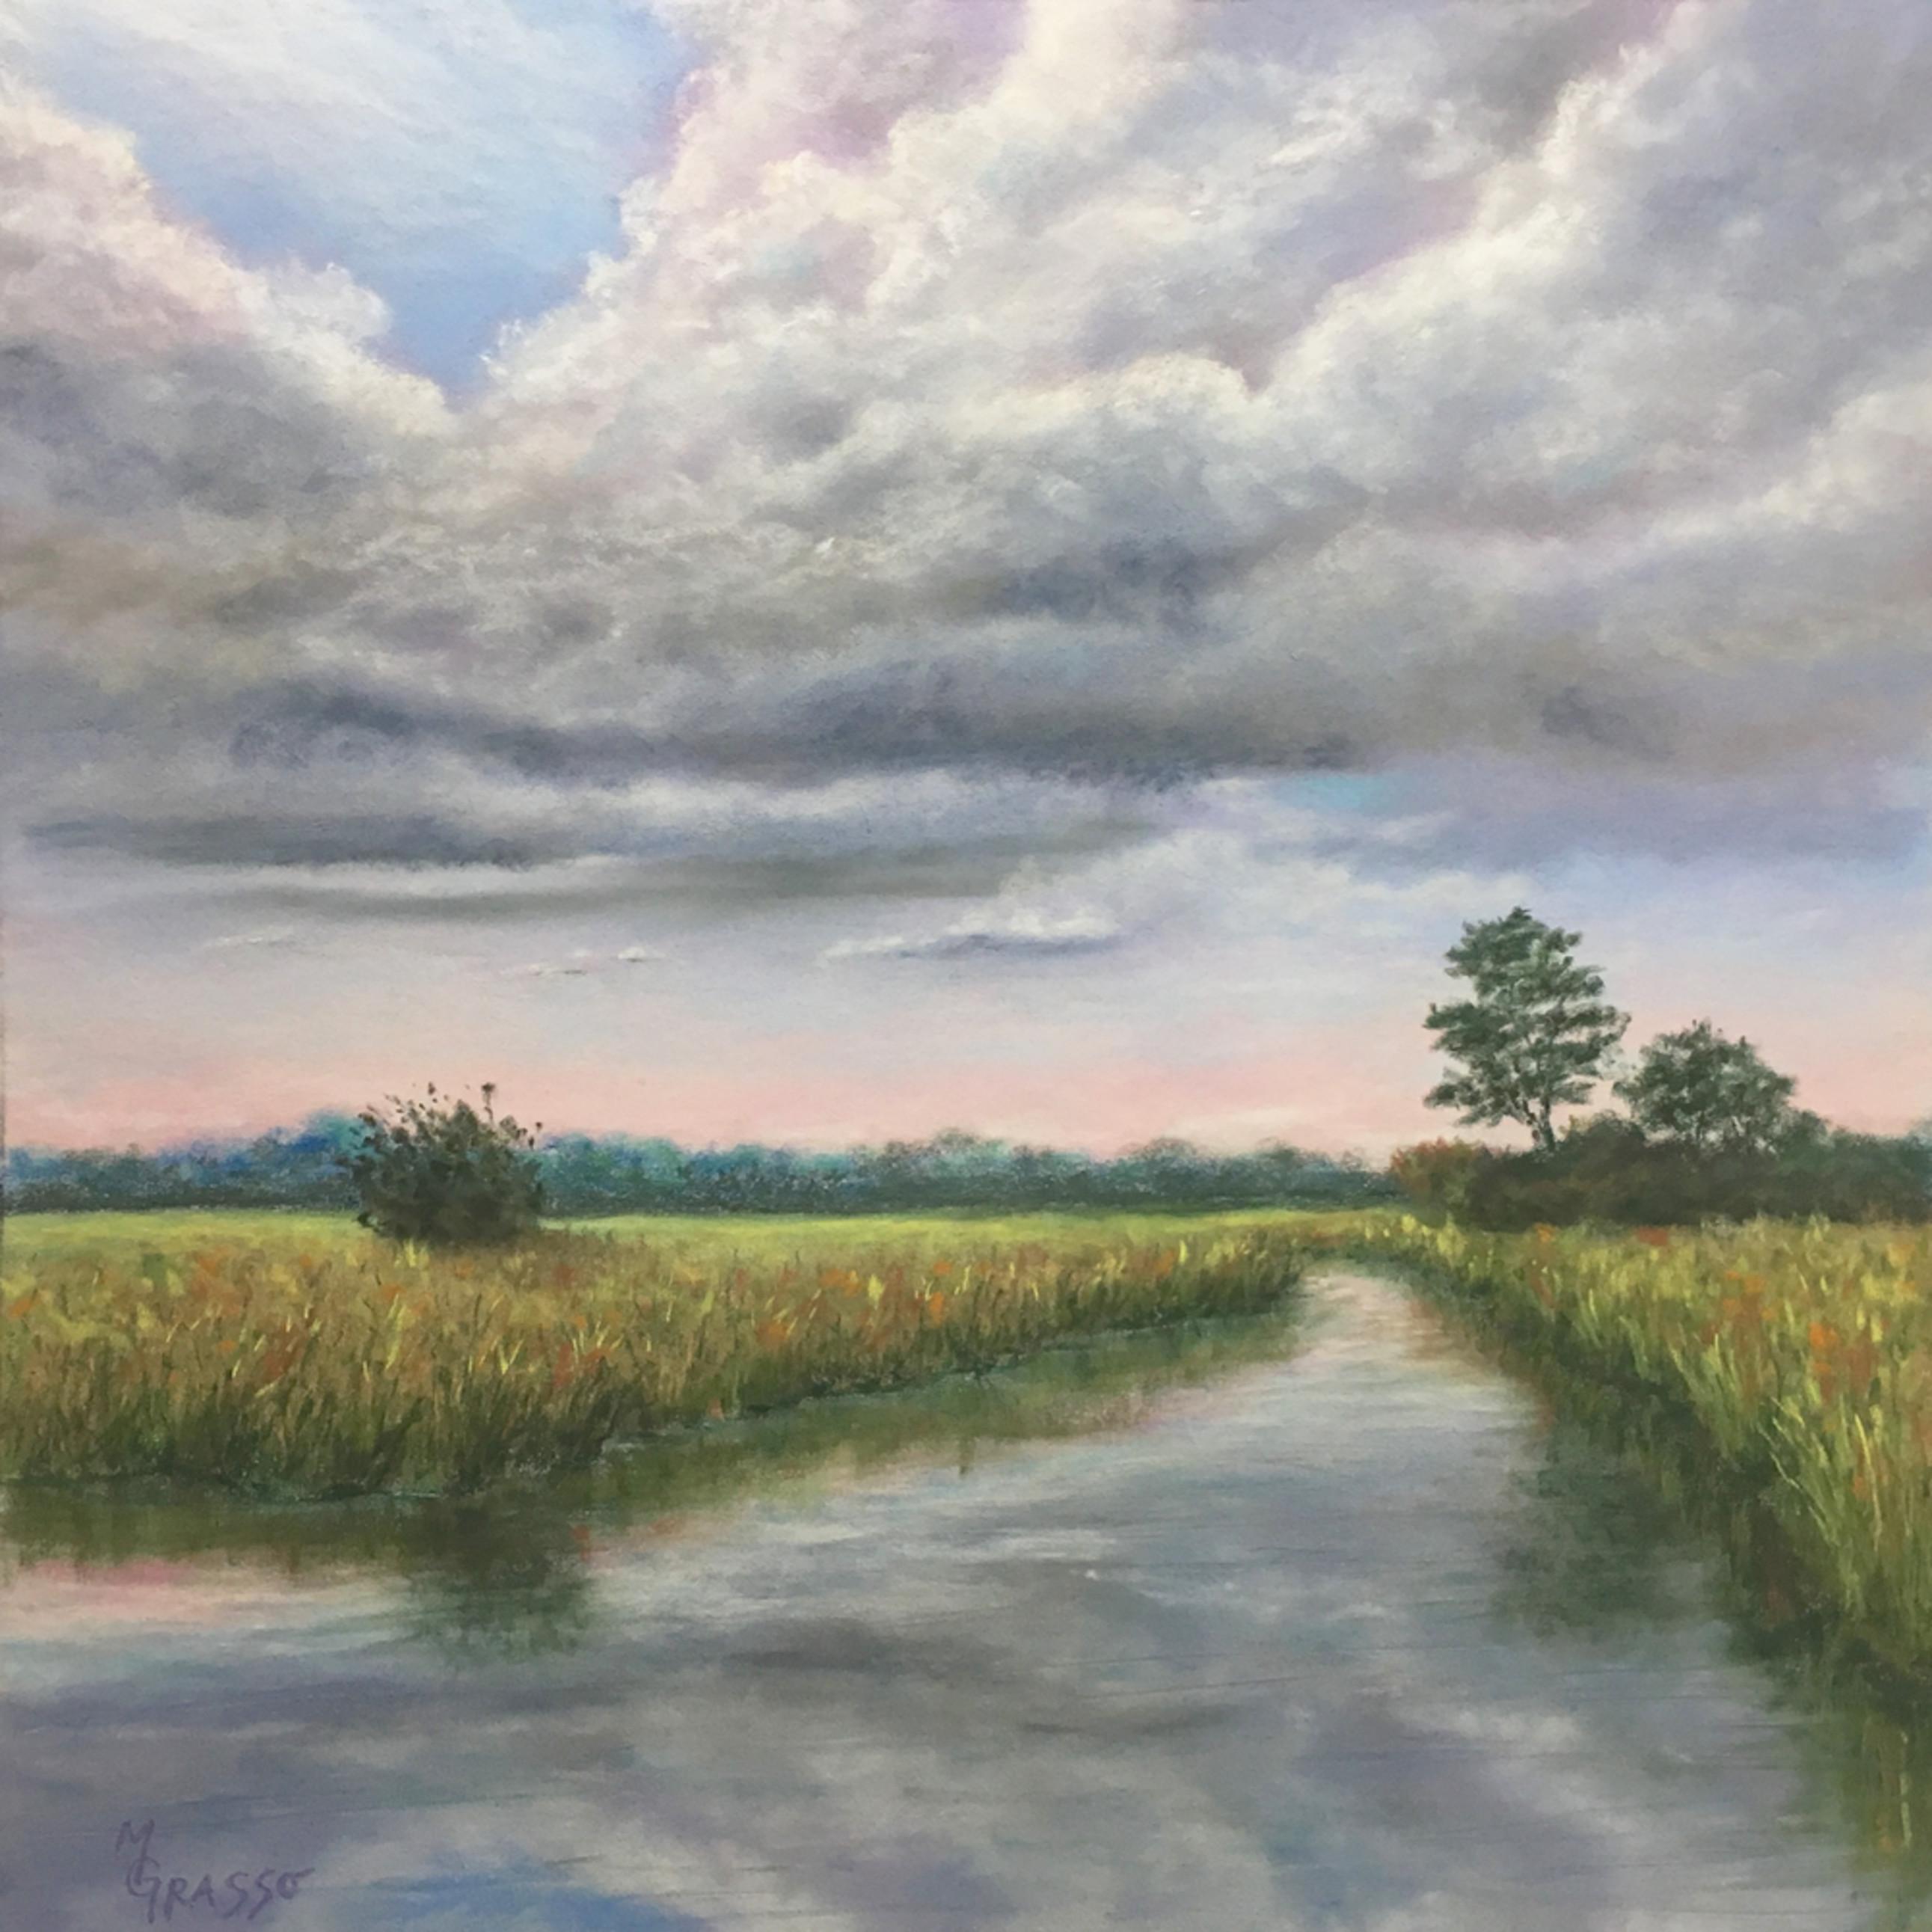 Marsh reflections bv0kkn